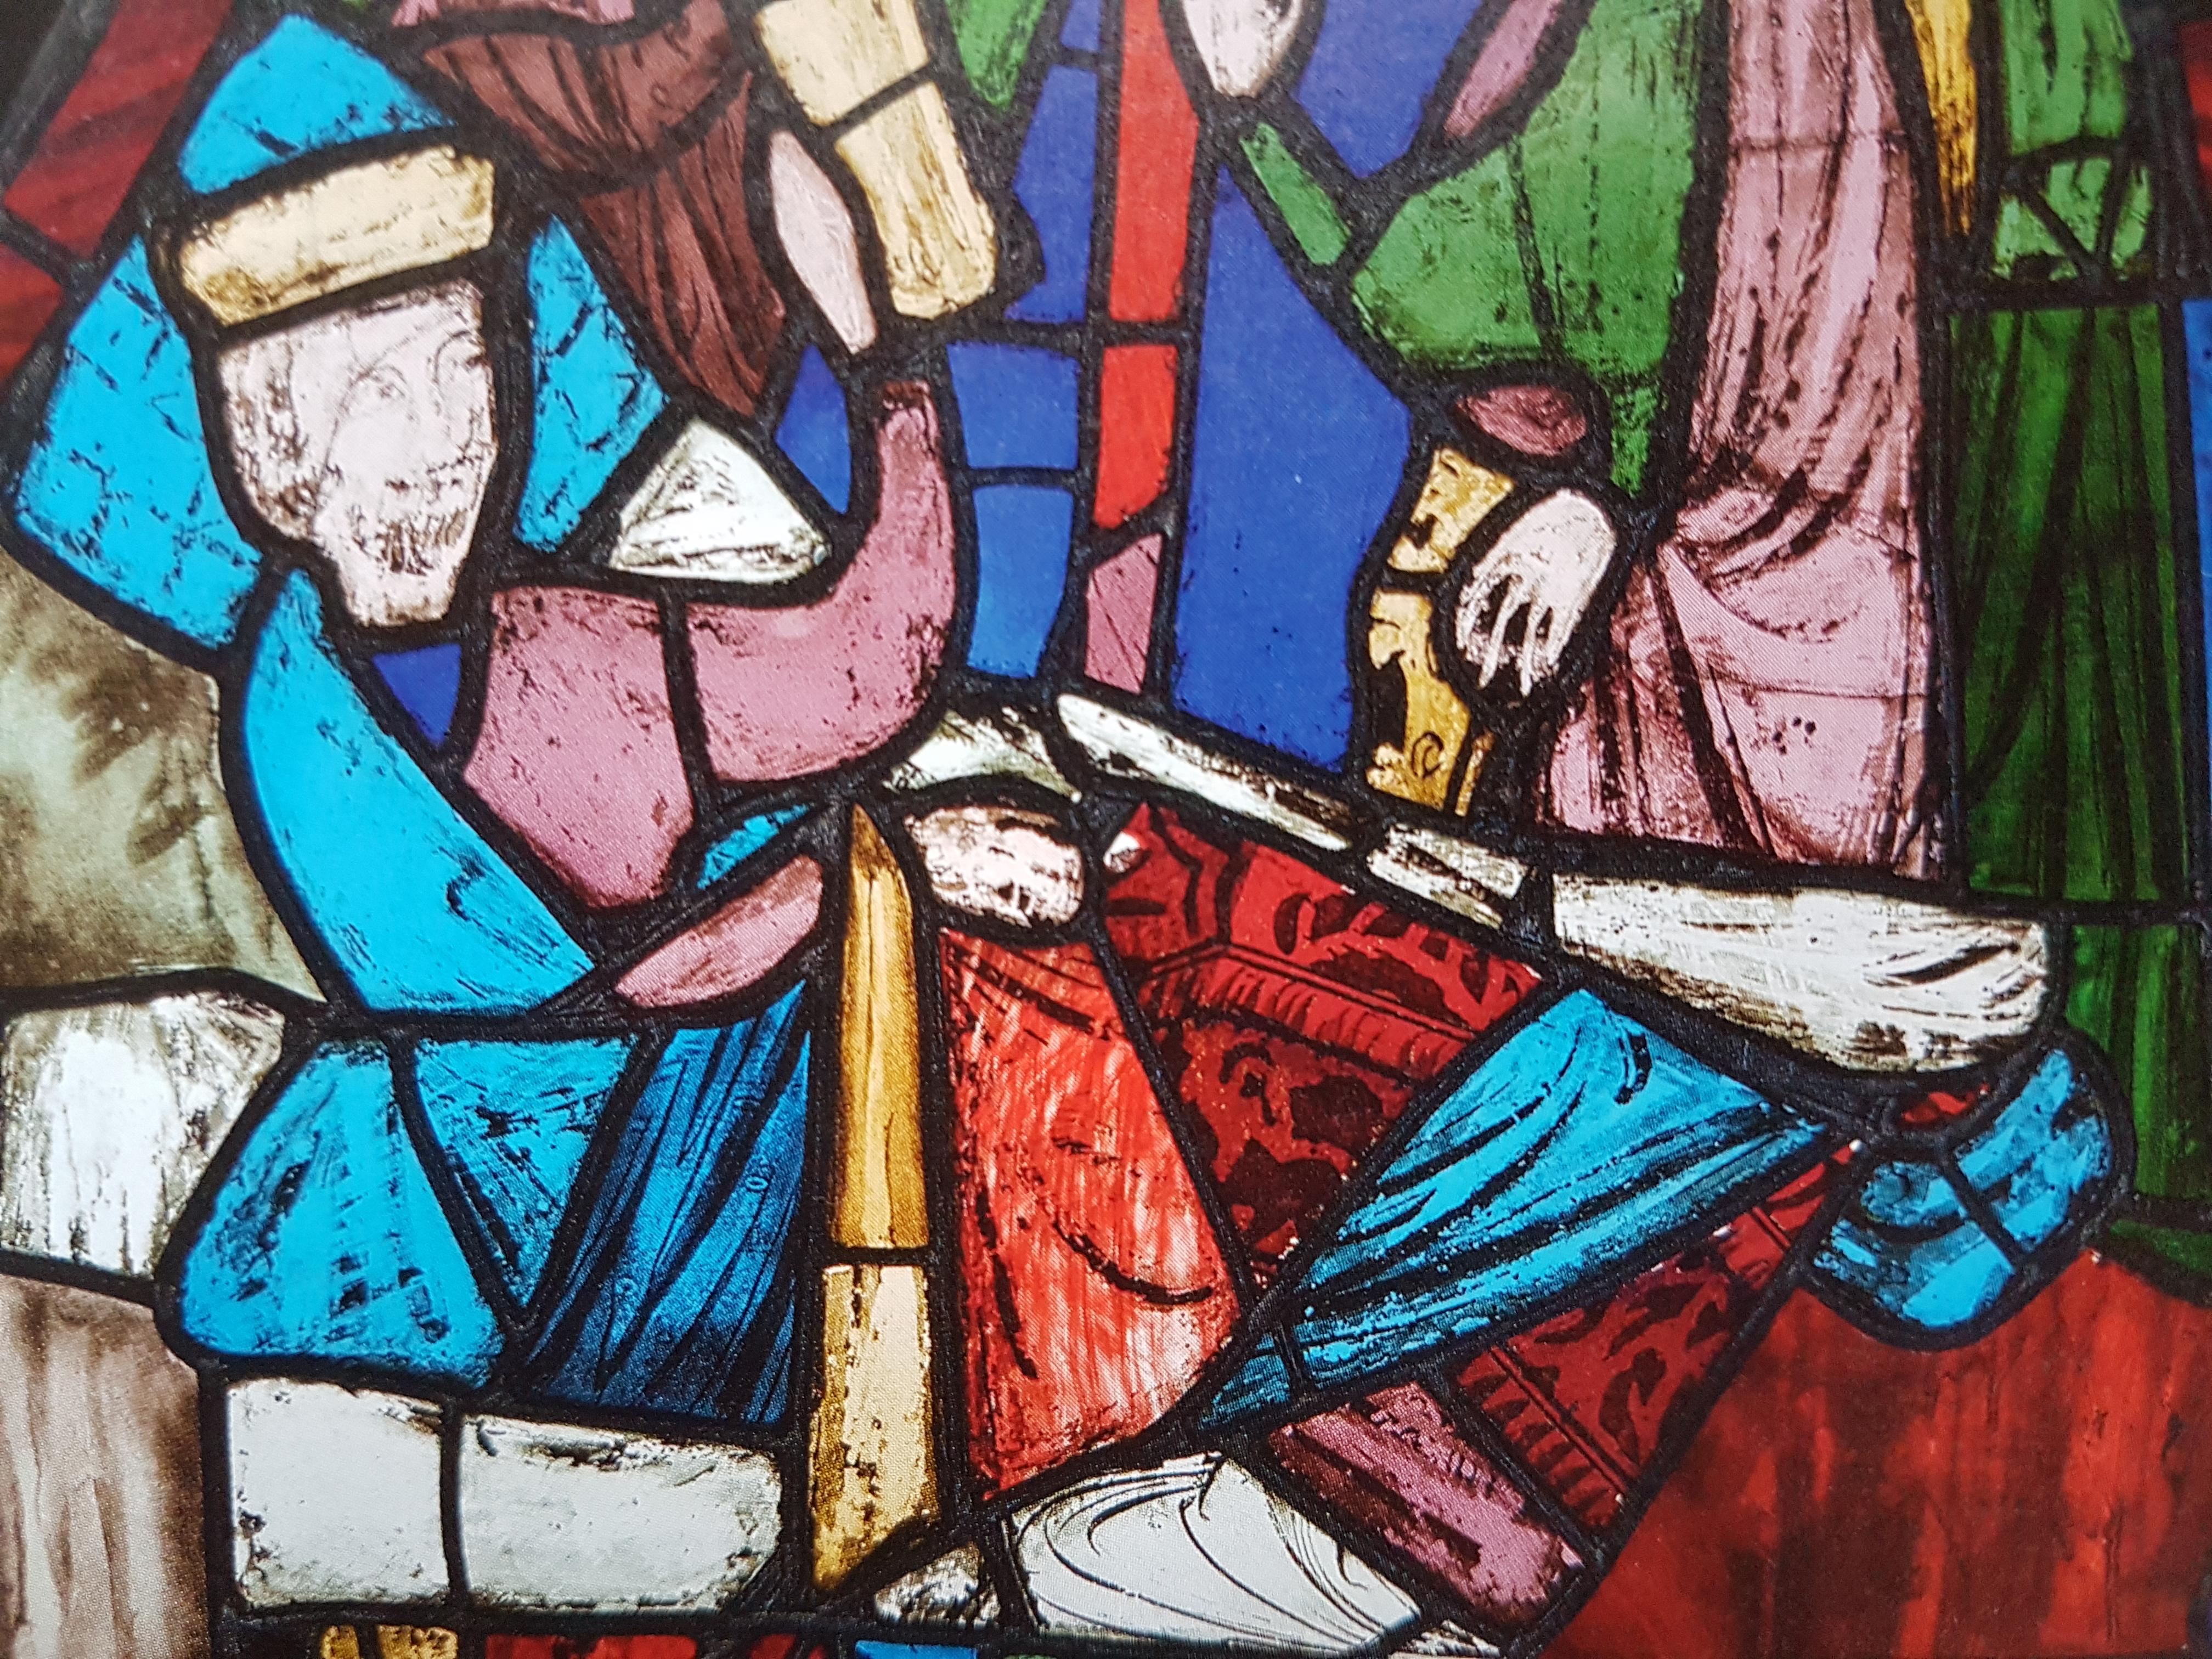 Витраж царь на смертном одре. Людовик святой и сокровища сент-шапель